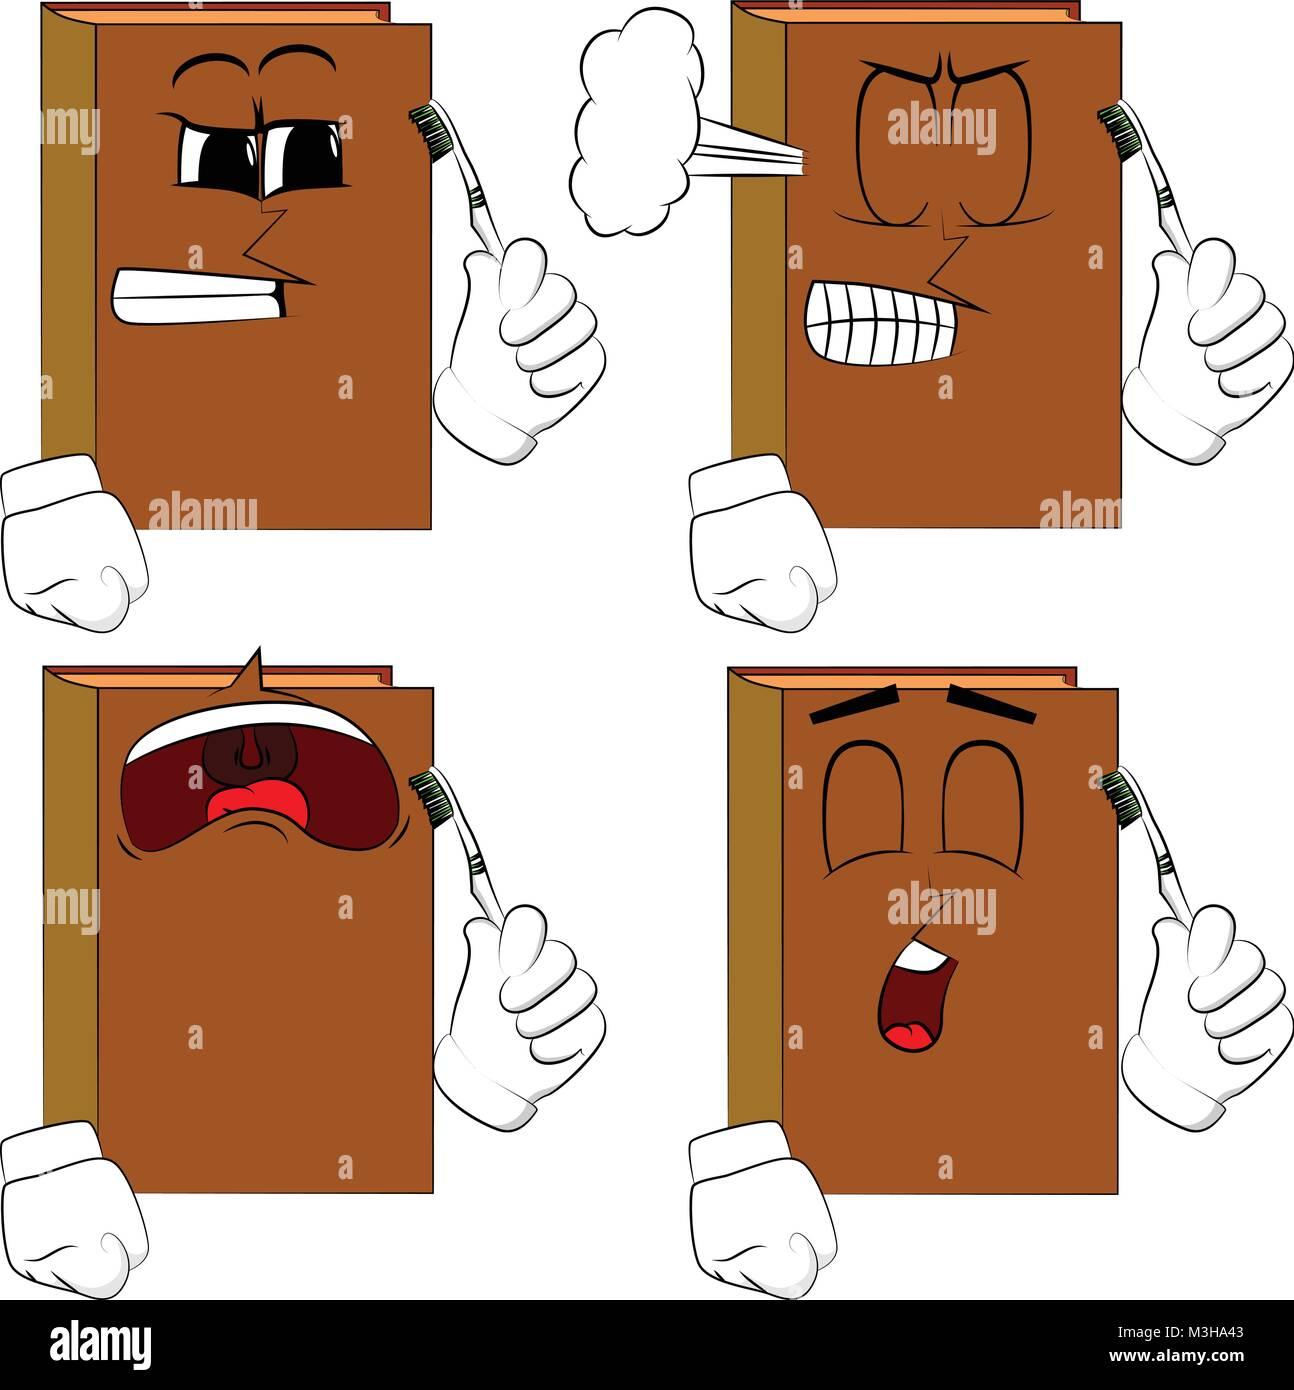 Libros sosteniendo el cepillo de dientes. Colección de libros de dibujos  animados con rostros tristes 5fd3a068e661